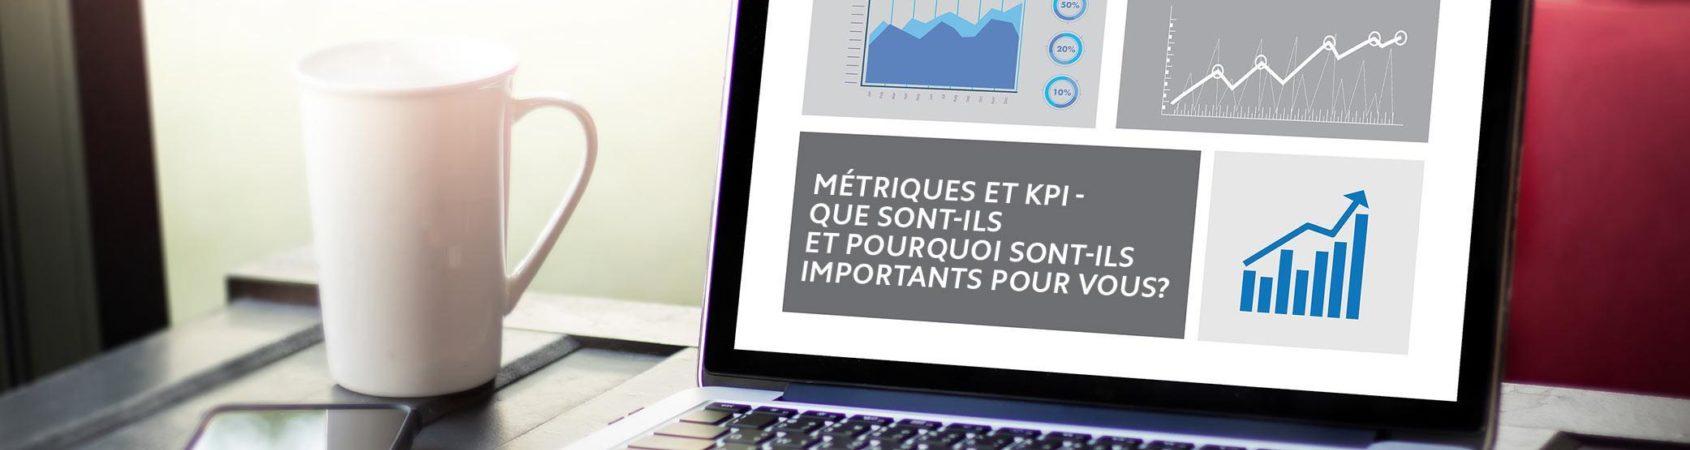 Métriques et KPI - que sont-ils et pourquoi sont-ils importants pour vous?